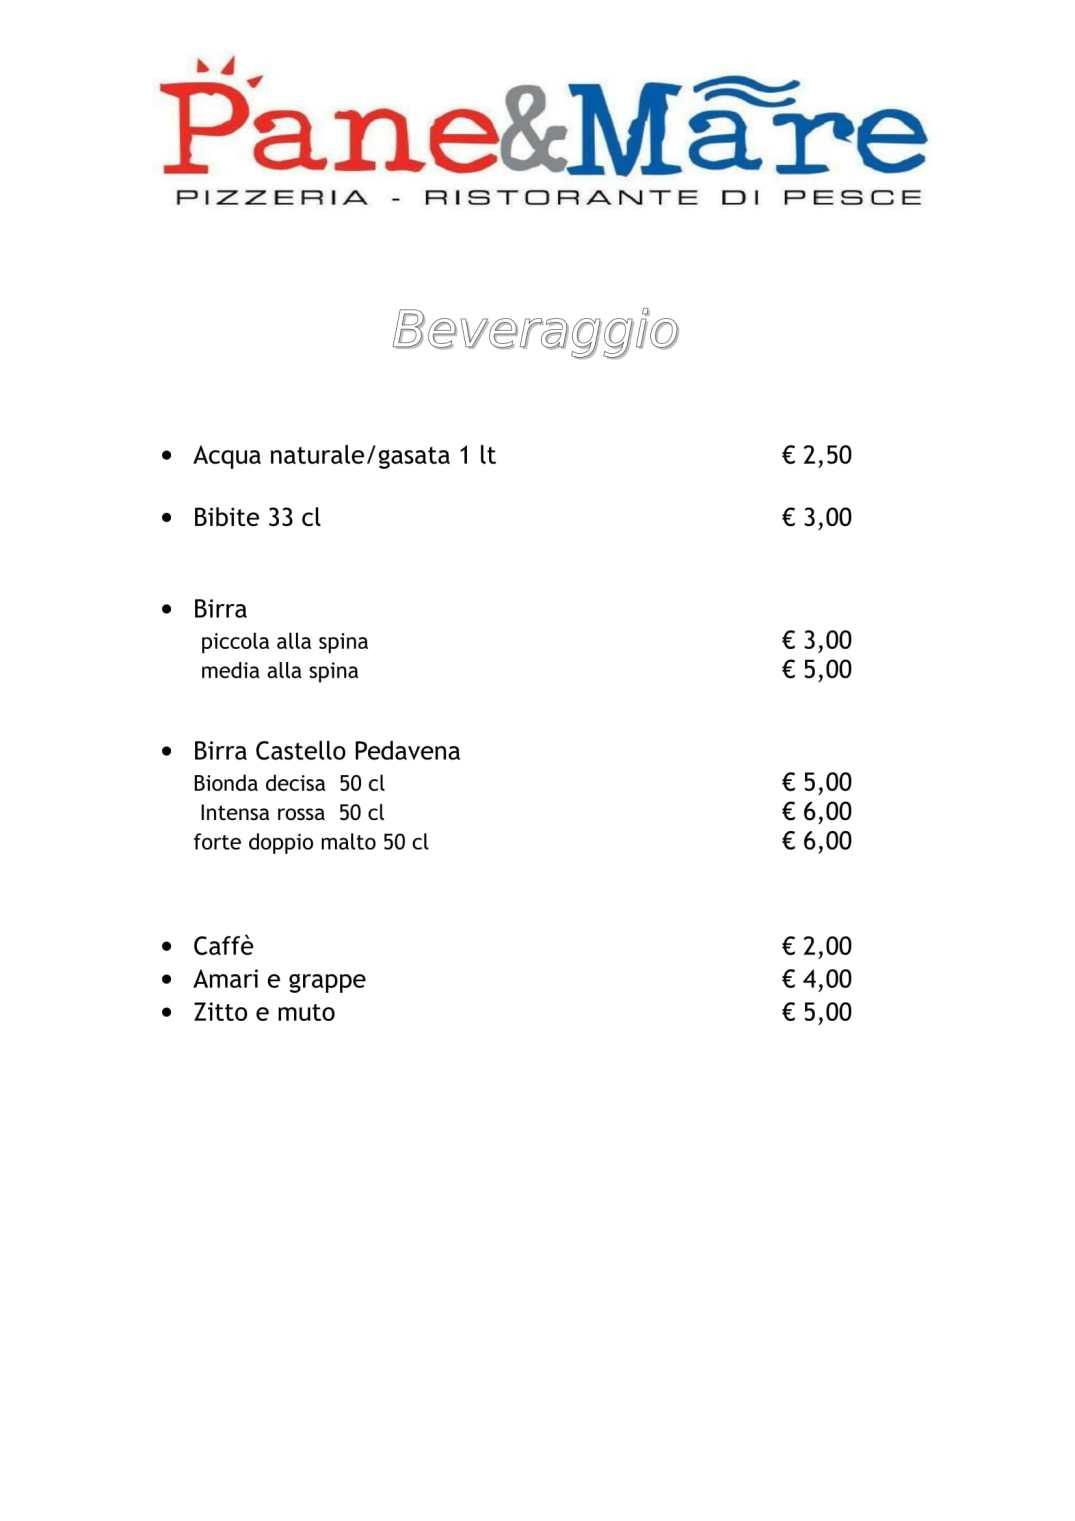 beveraggio-1